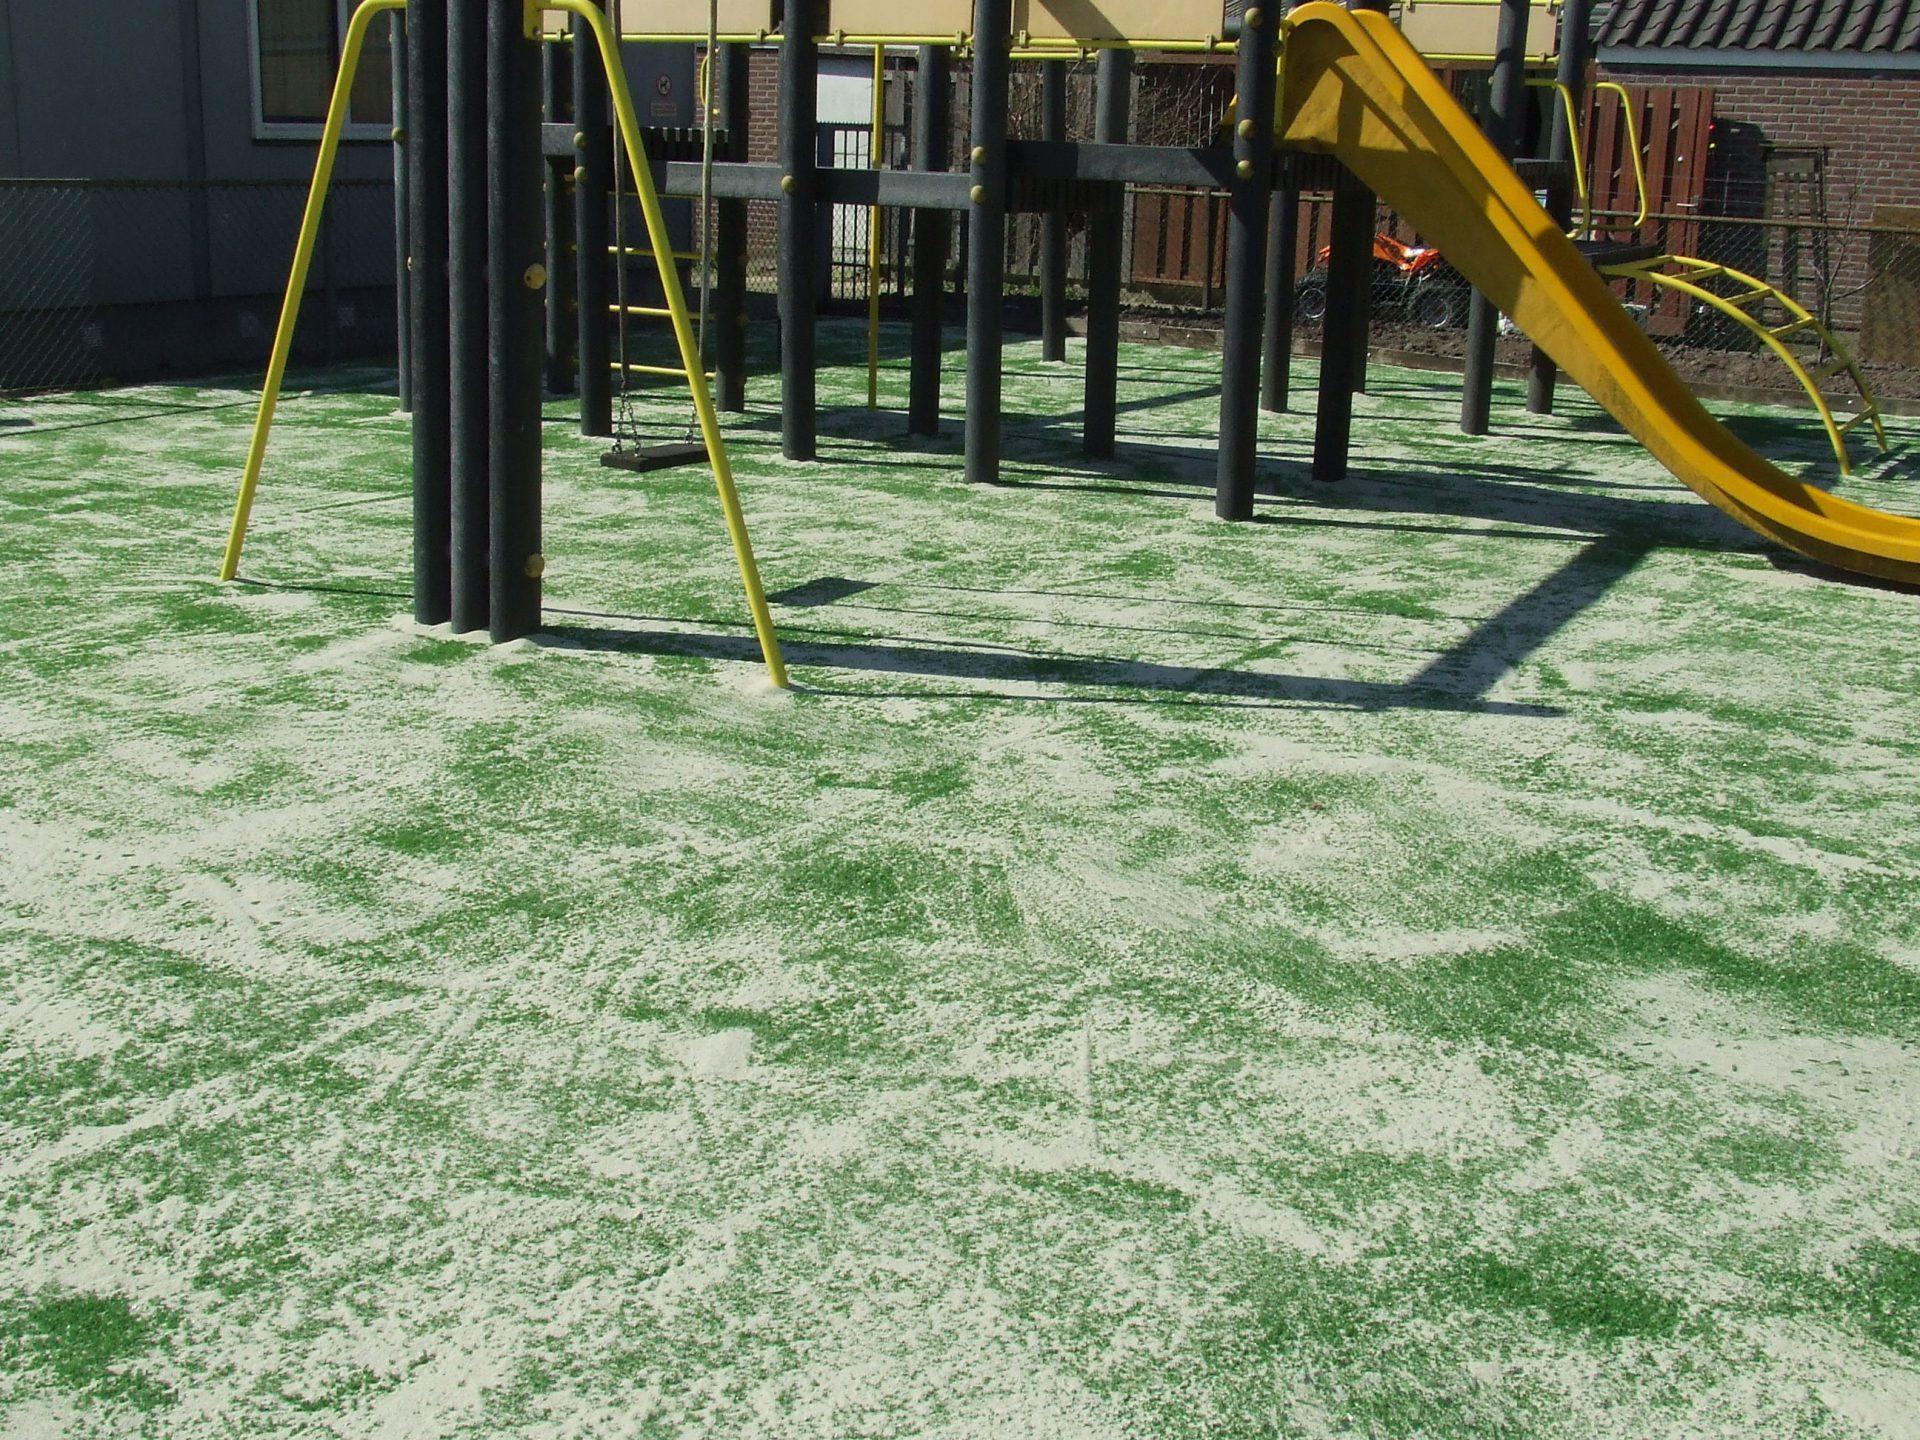 buurt en speeltuin aarlanderveen – Zandplaat vervangen door kunstgras